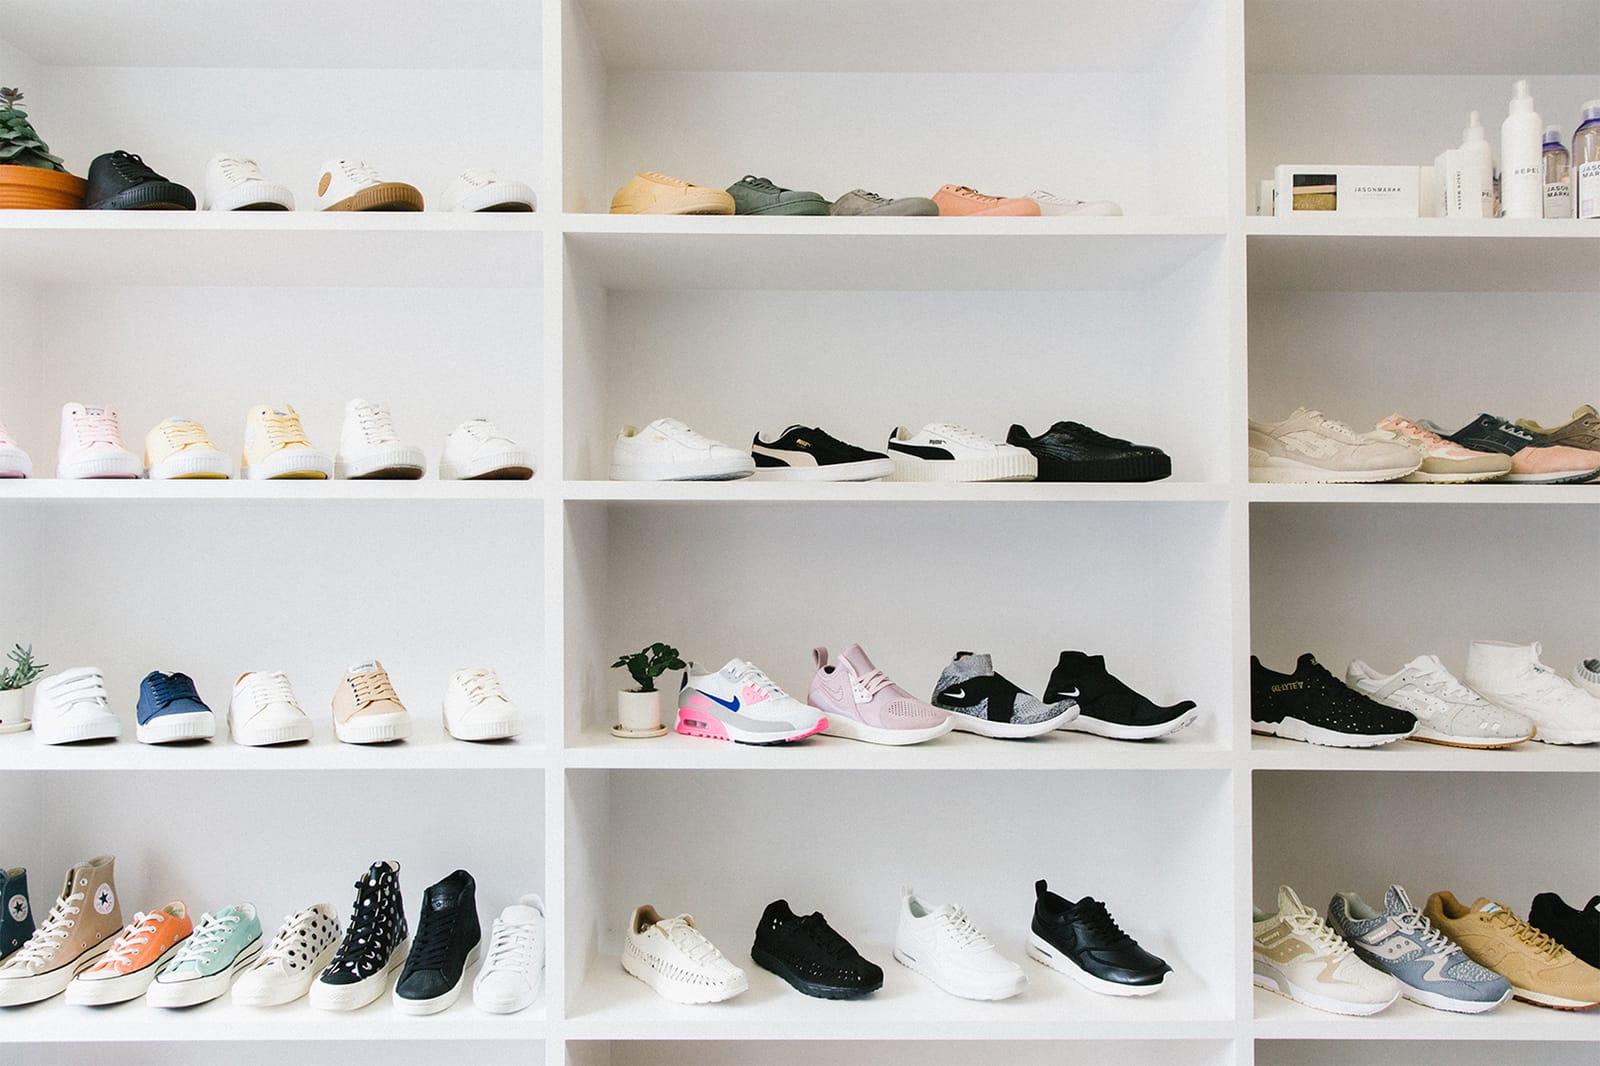 Womens Sneakers Trainers UK London Pam Pam End. Footpatrol Sneakersnstuff Offspring